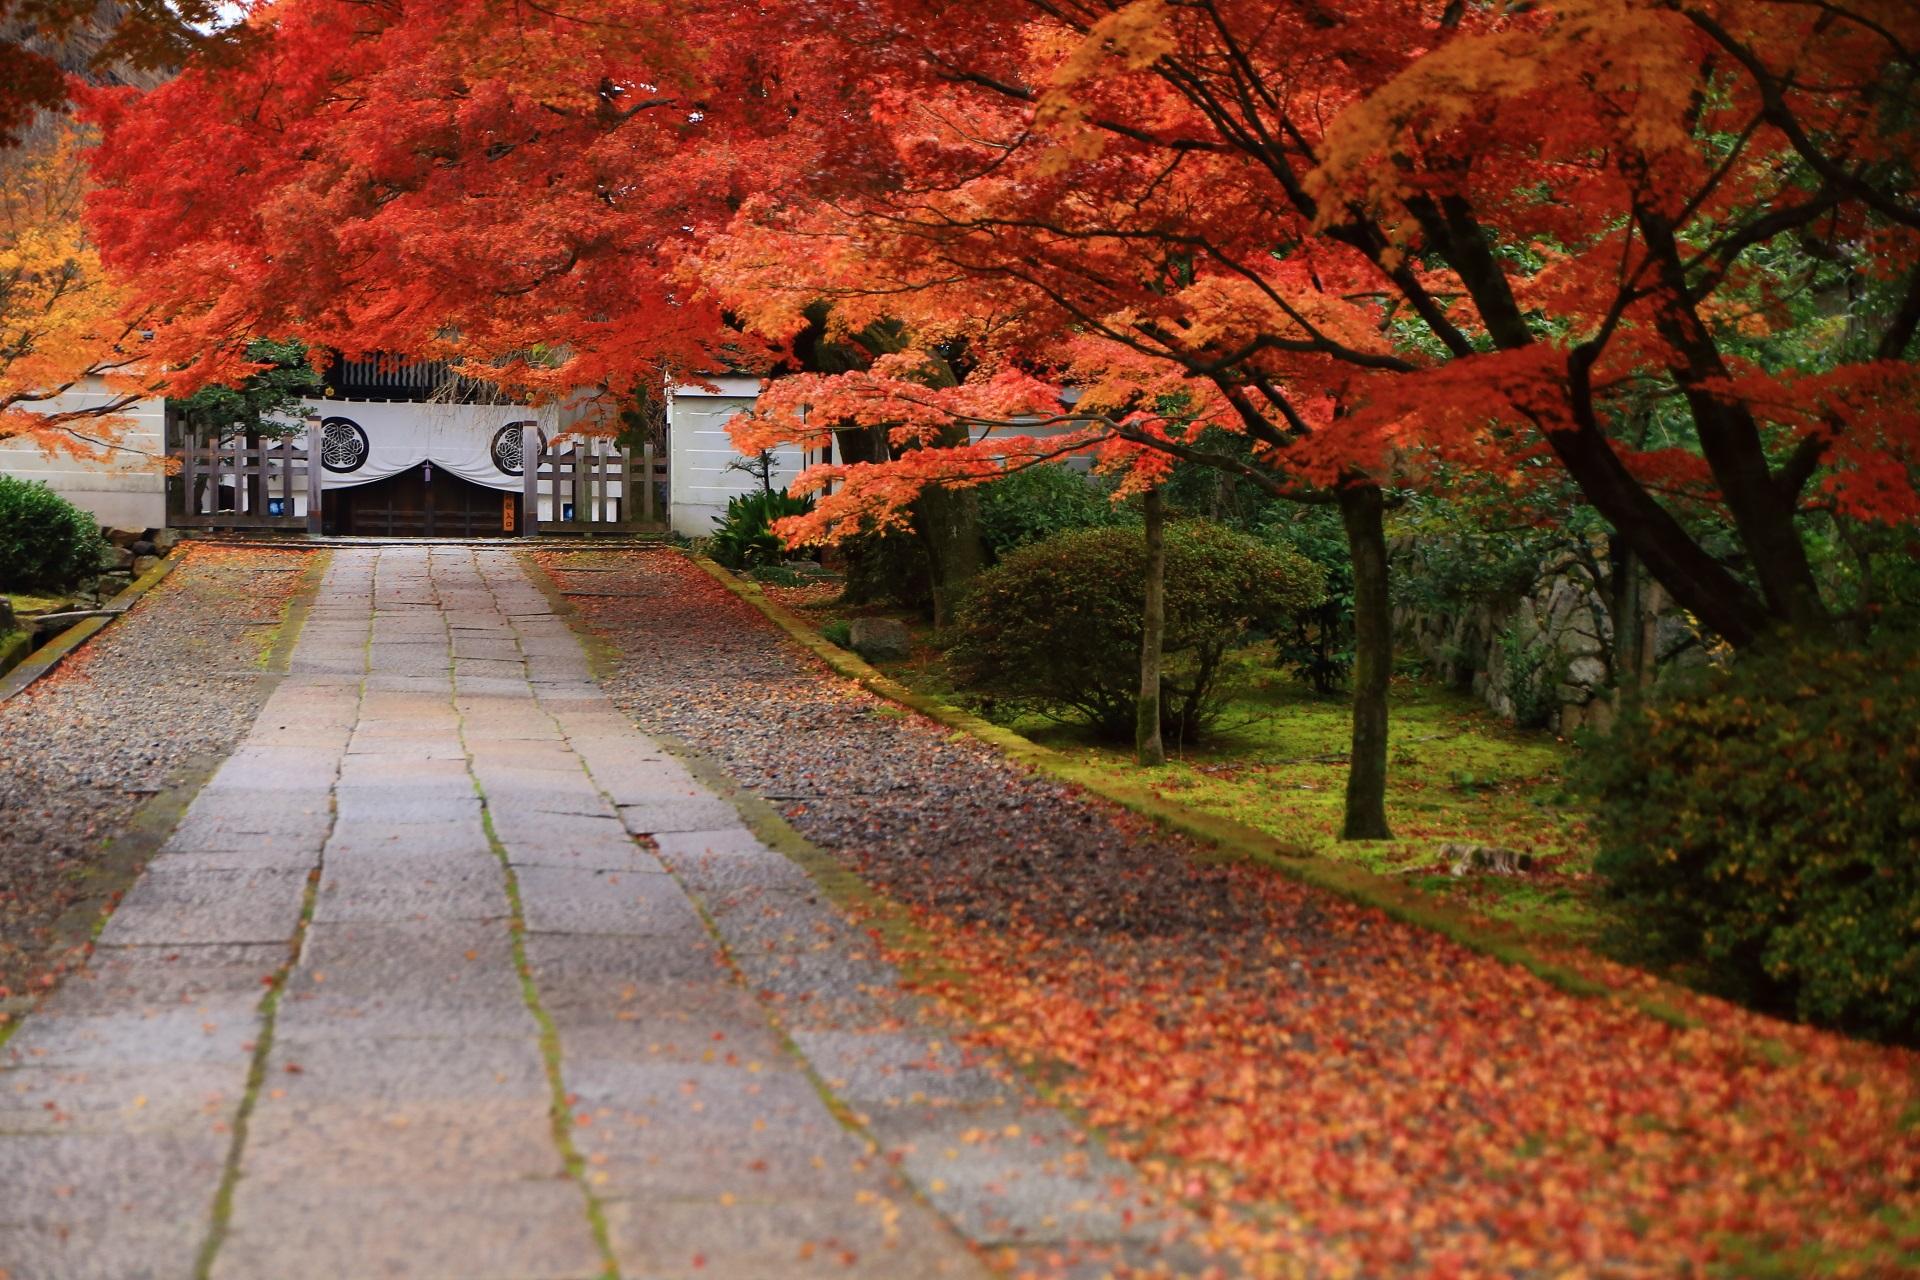 養源院の玄関と参道を染める溢れる紅葉とほのかな散り紅葉